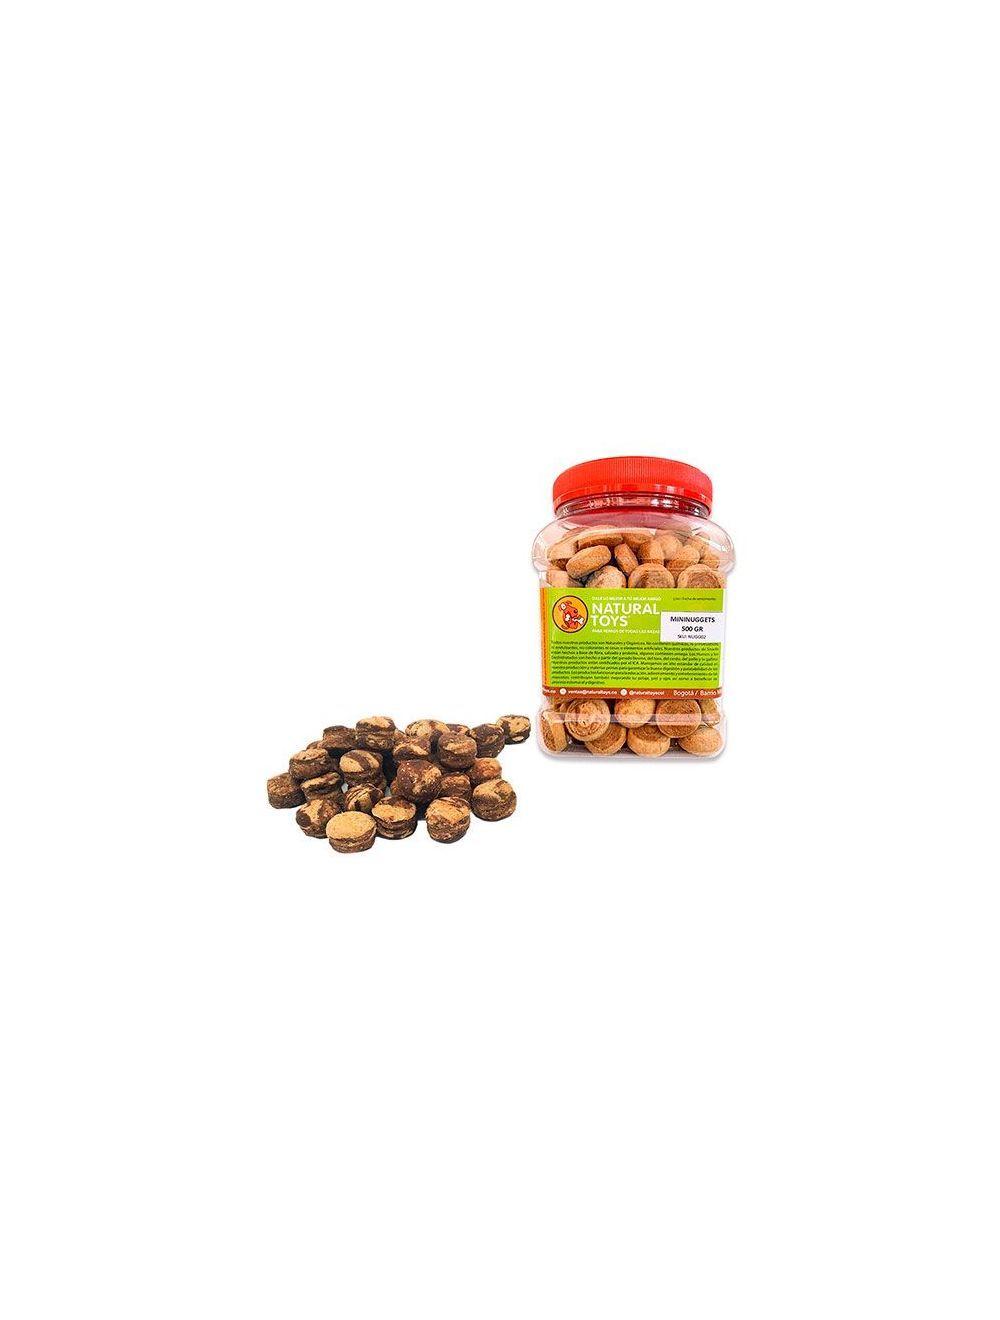 Mininuggets De Fibra Natural 1 Lb